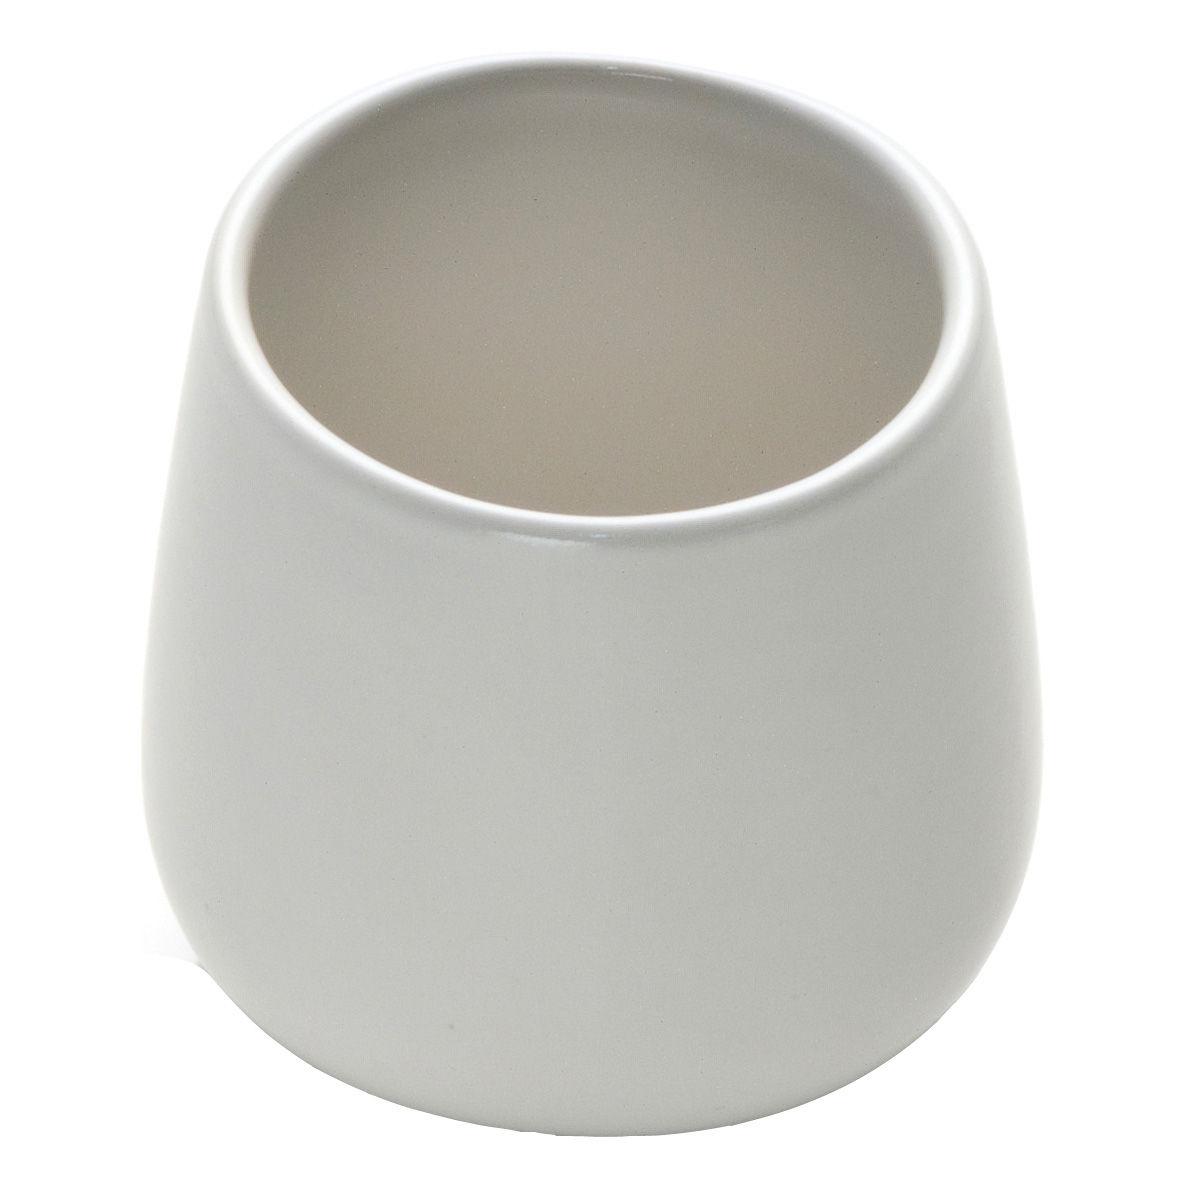 Tischkultur - Tassen und Becher - Ovale Kaffeetasse - Alessi - Weiß - Keramik im Steinzeugton